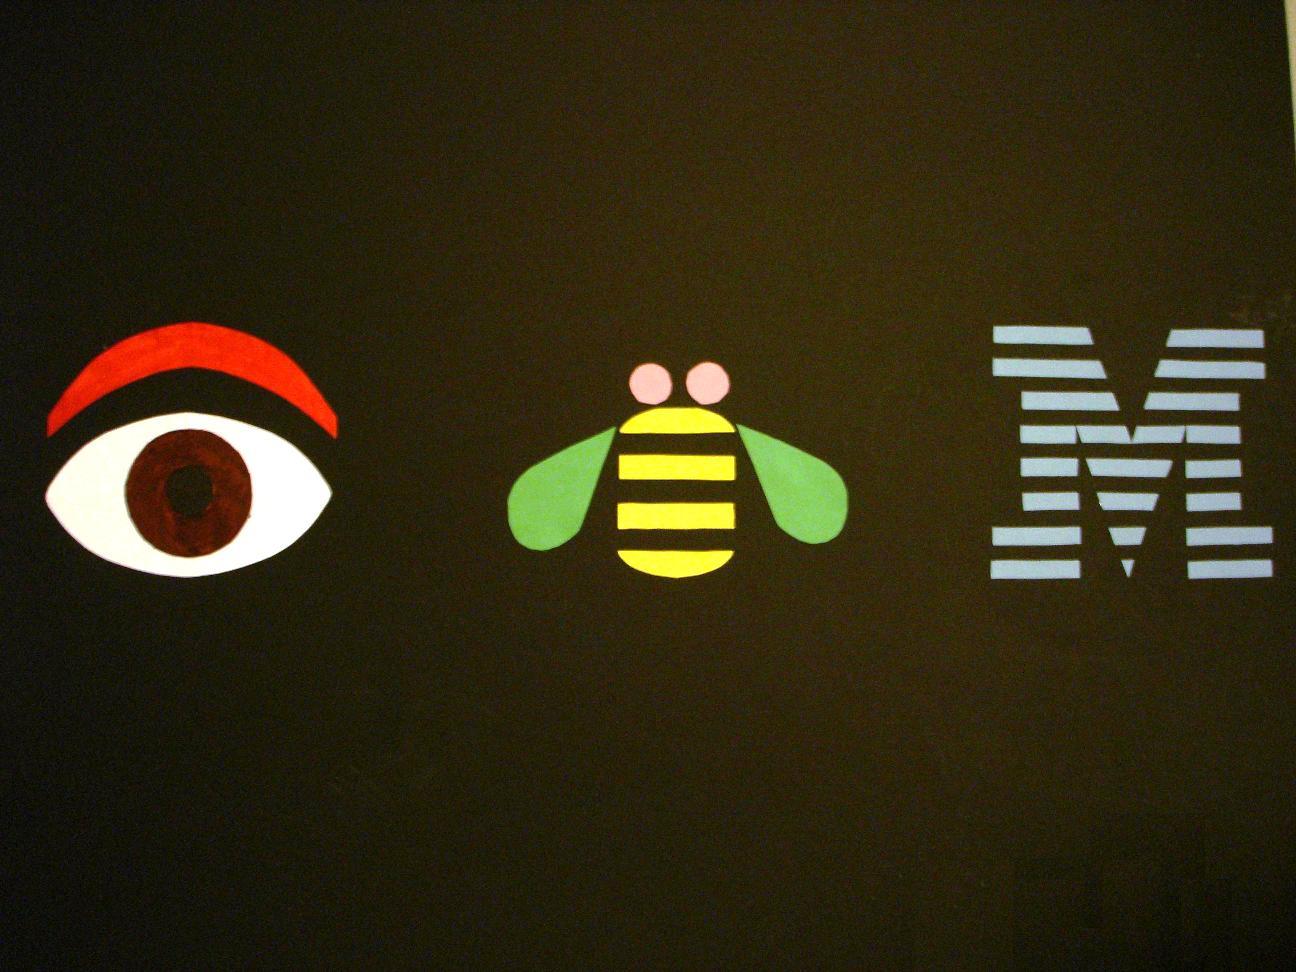 More IBM Thinkpad Wallpapers 1296x972